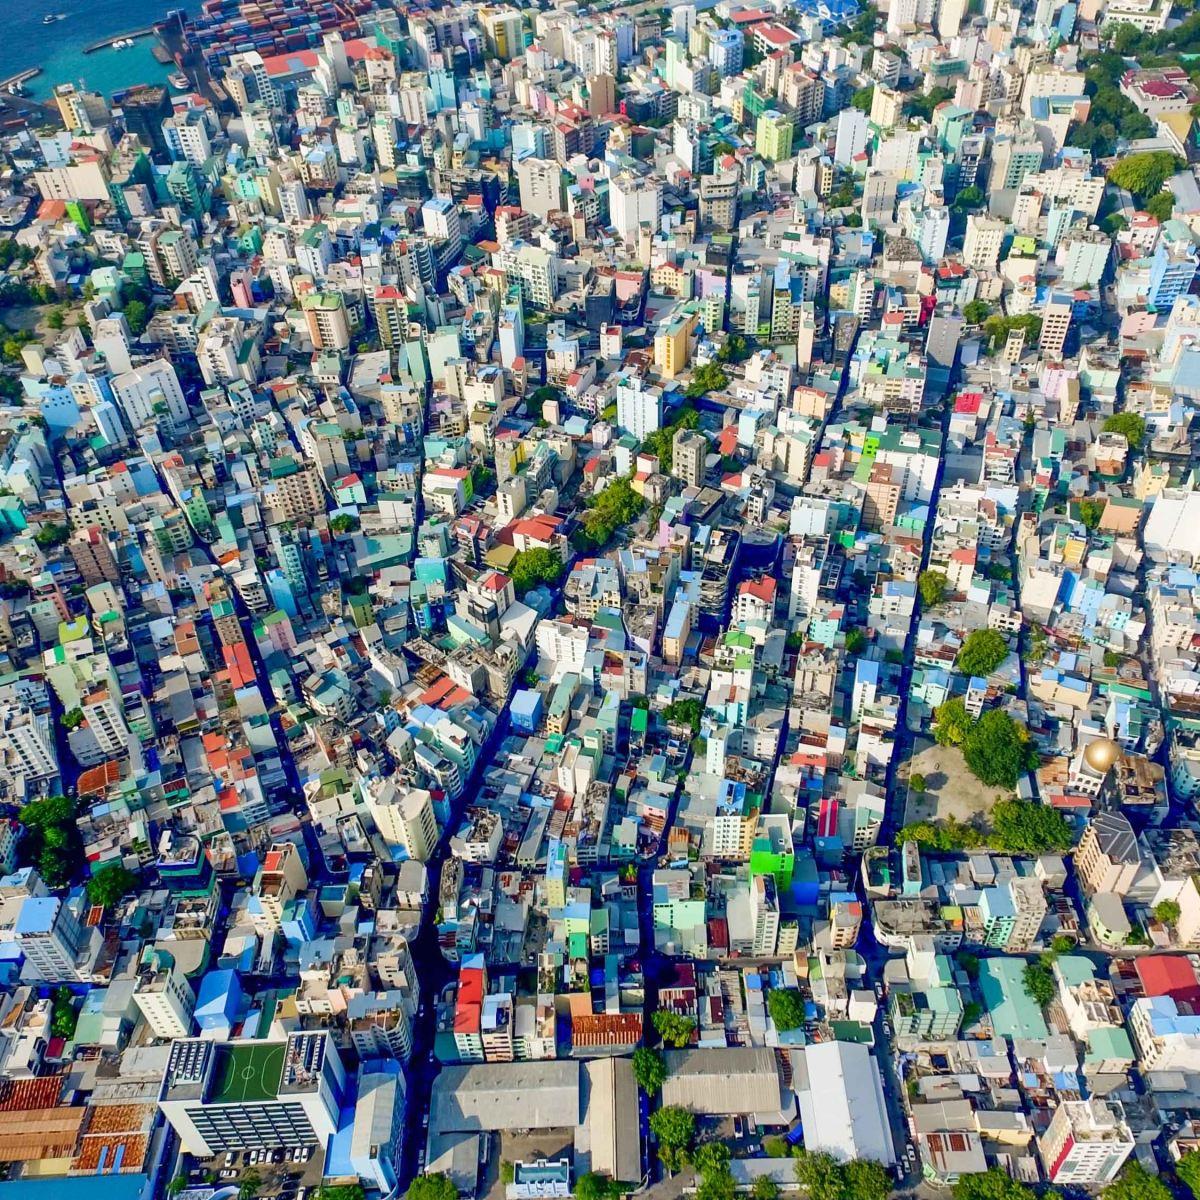 Malé, la capital de Maldivas: una microcapital singular